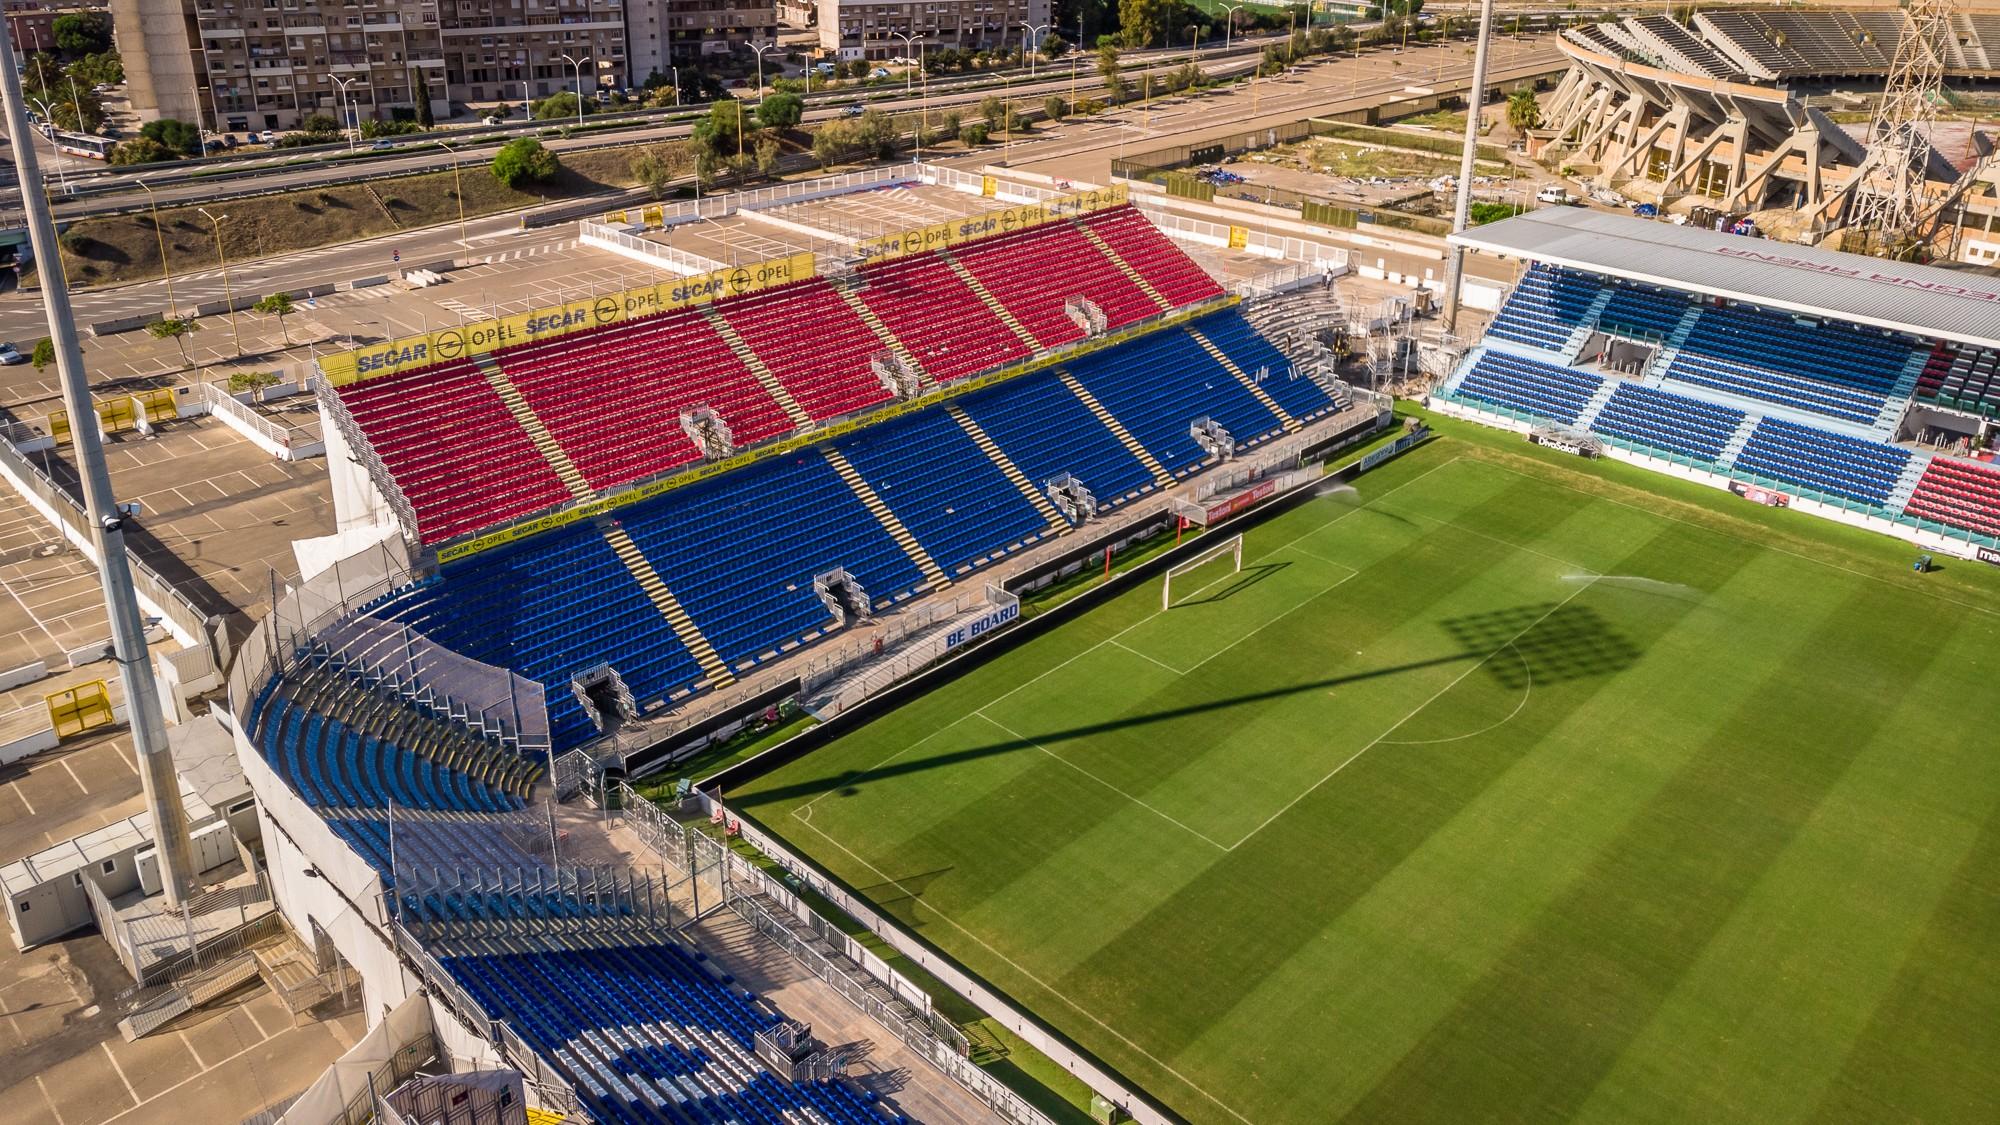 Prediksi Sepakbola Baru - Sardegna Arena 2019 - Hasil Prediksi